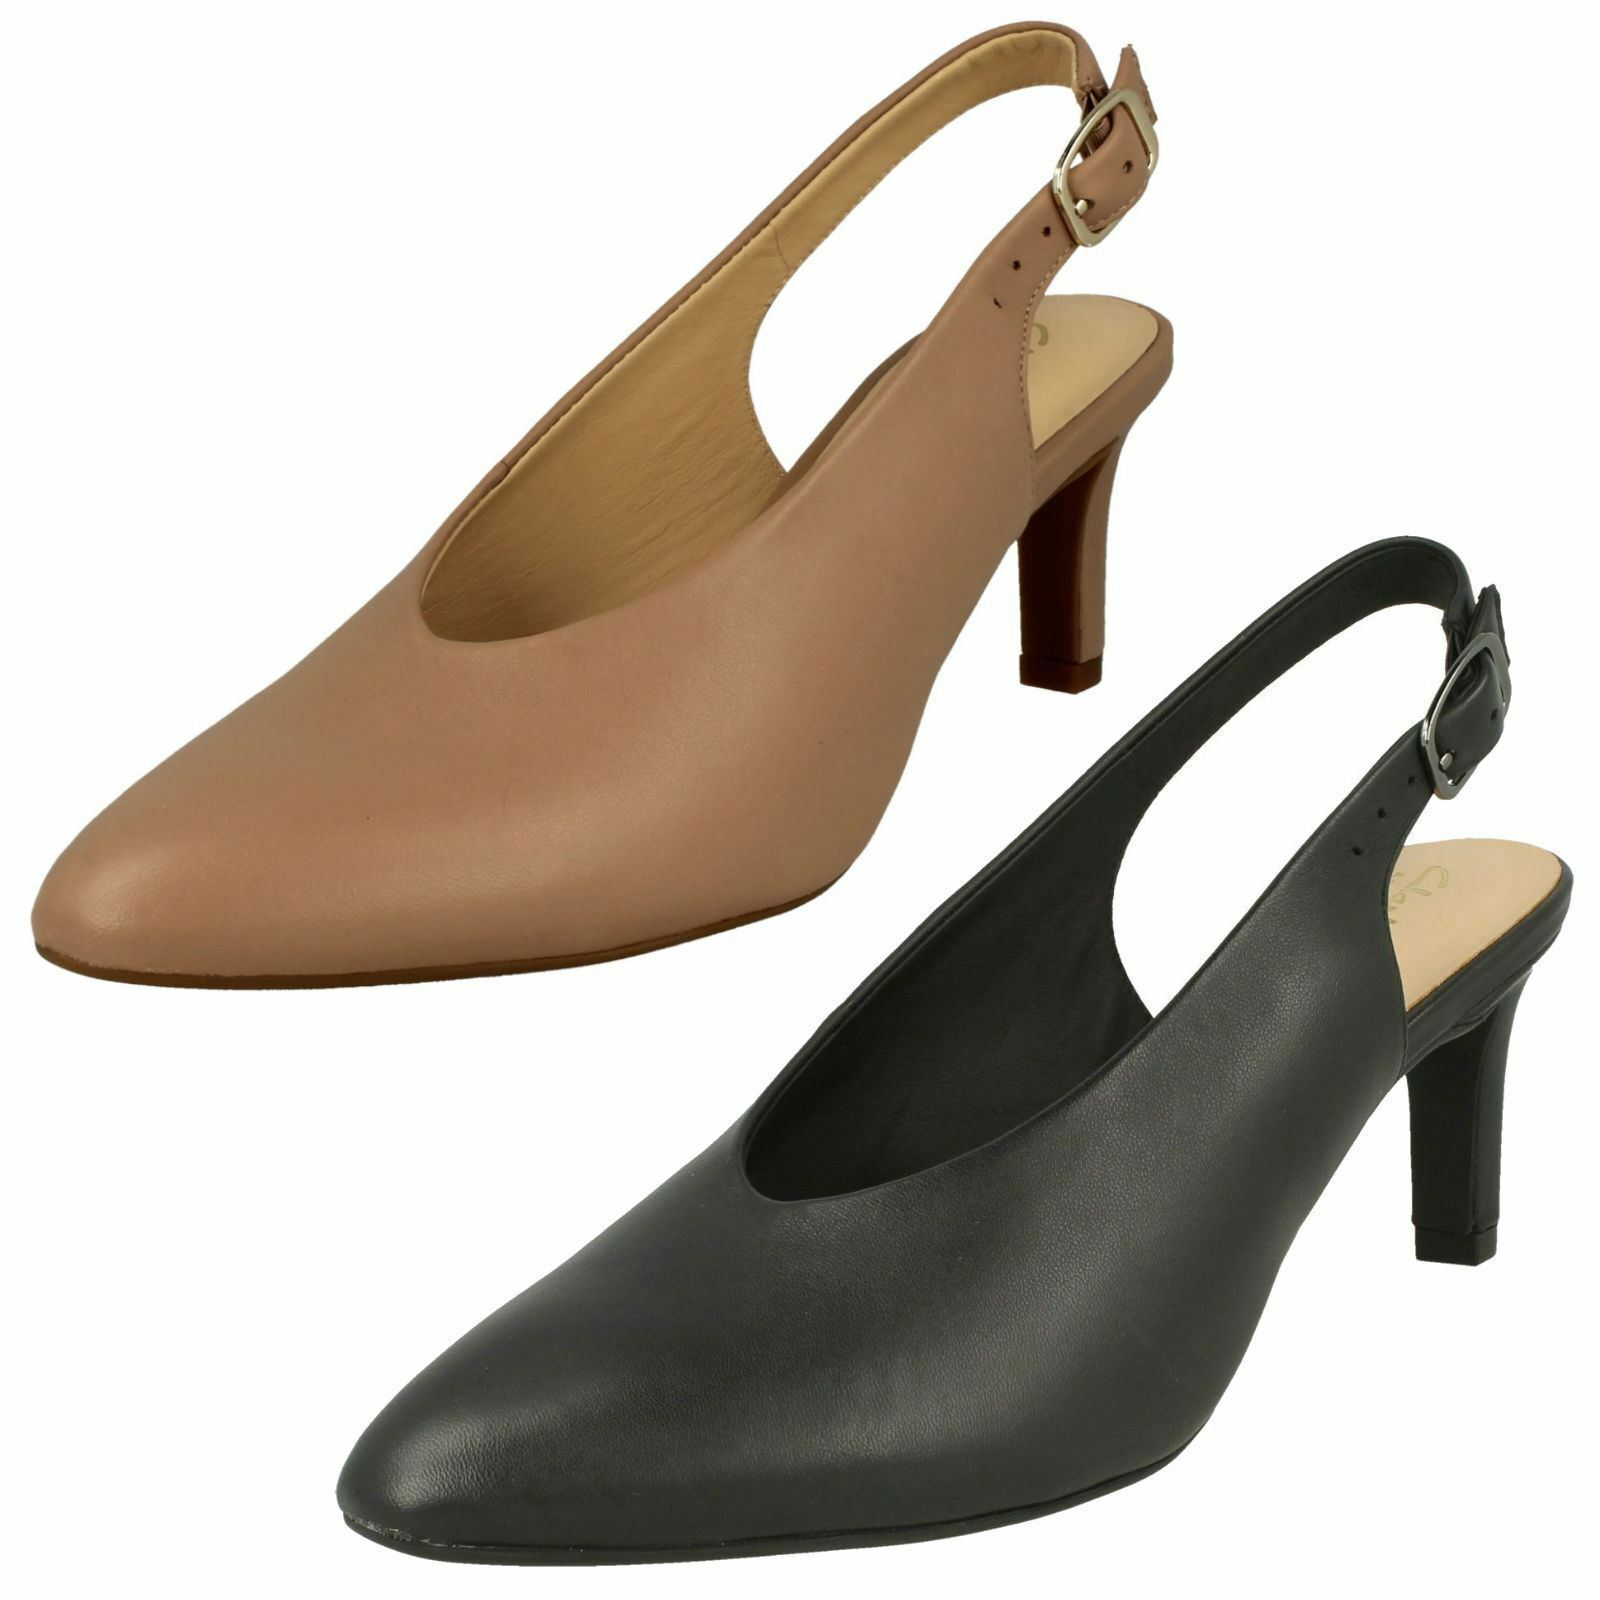 Damen Clarks Leder Schuh Sling Calla Spitz Sling Schuh Absatz Schuhe Sandalen ... 781492